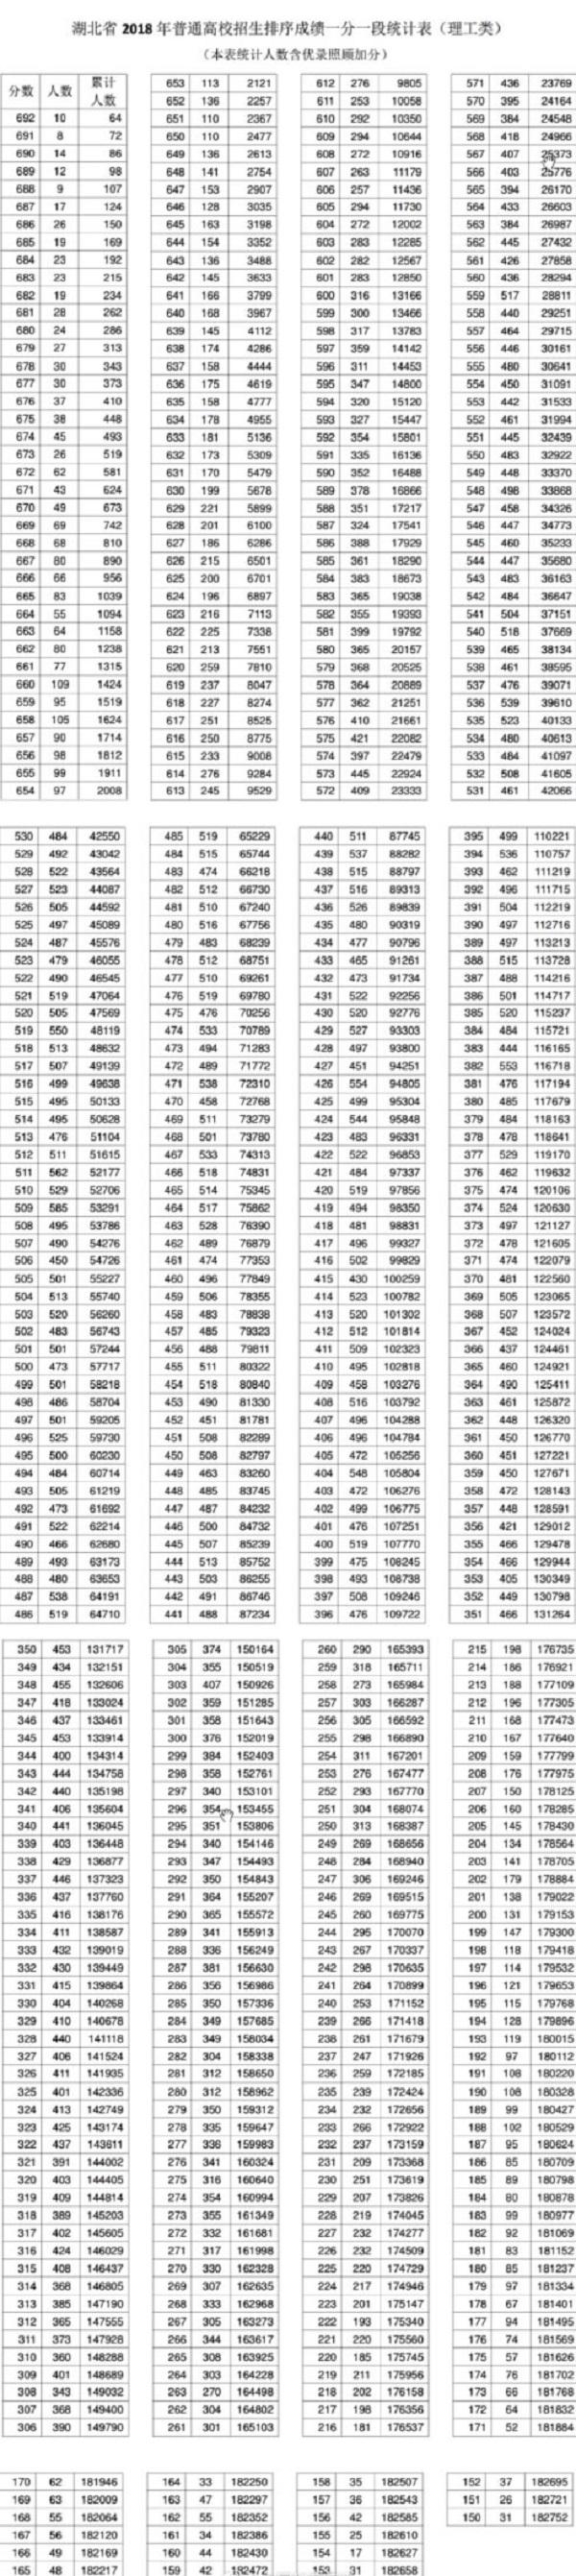 2018年湖北高考文科一分一档表